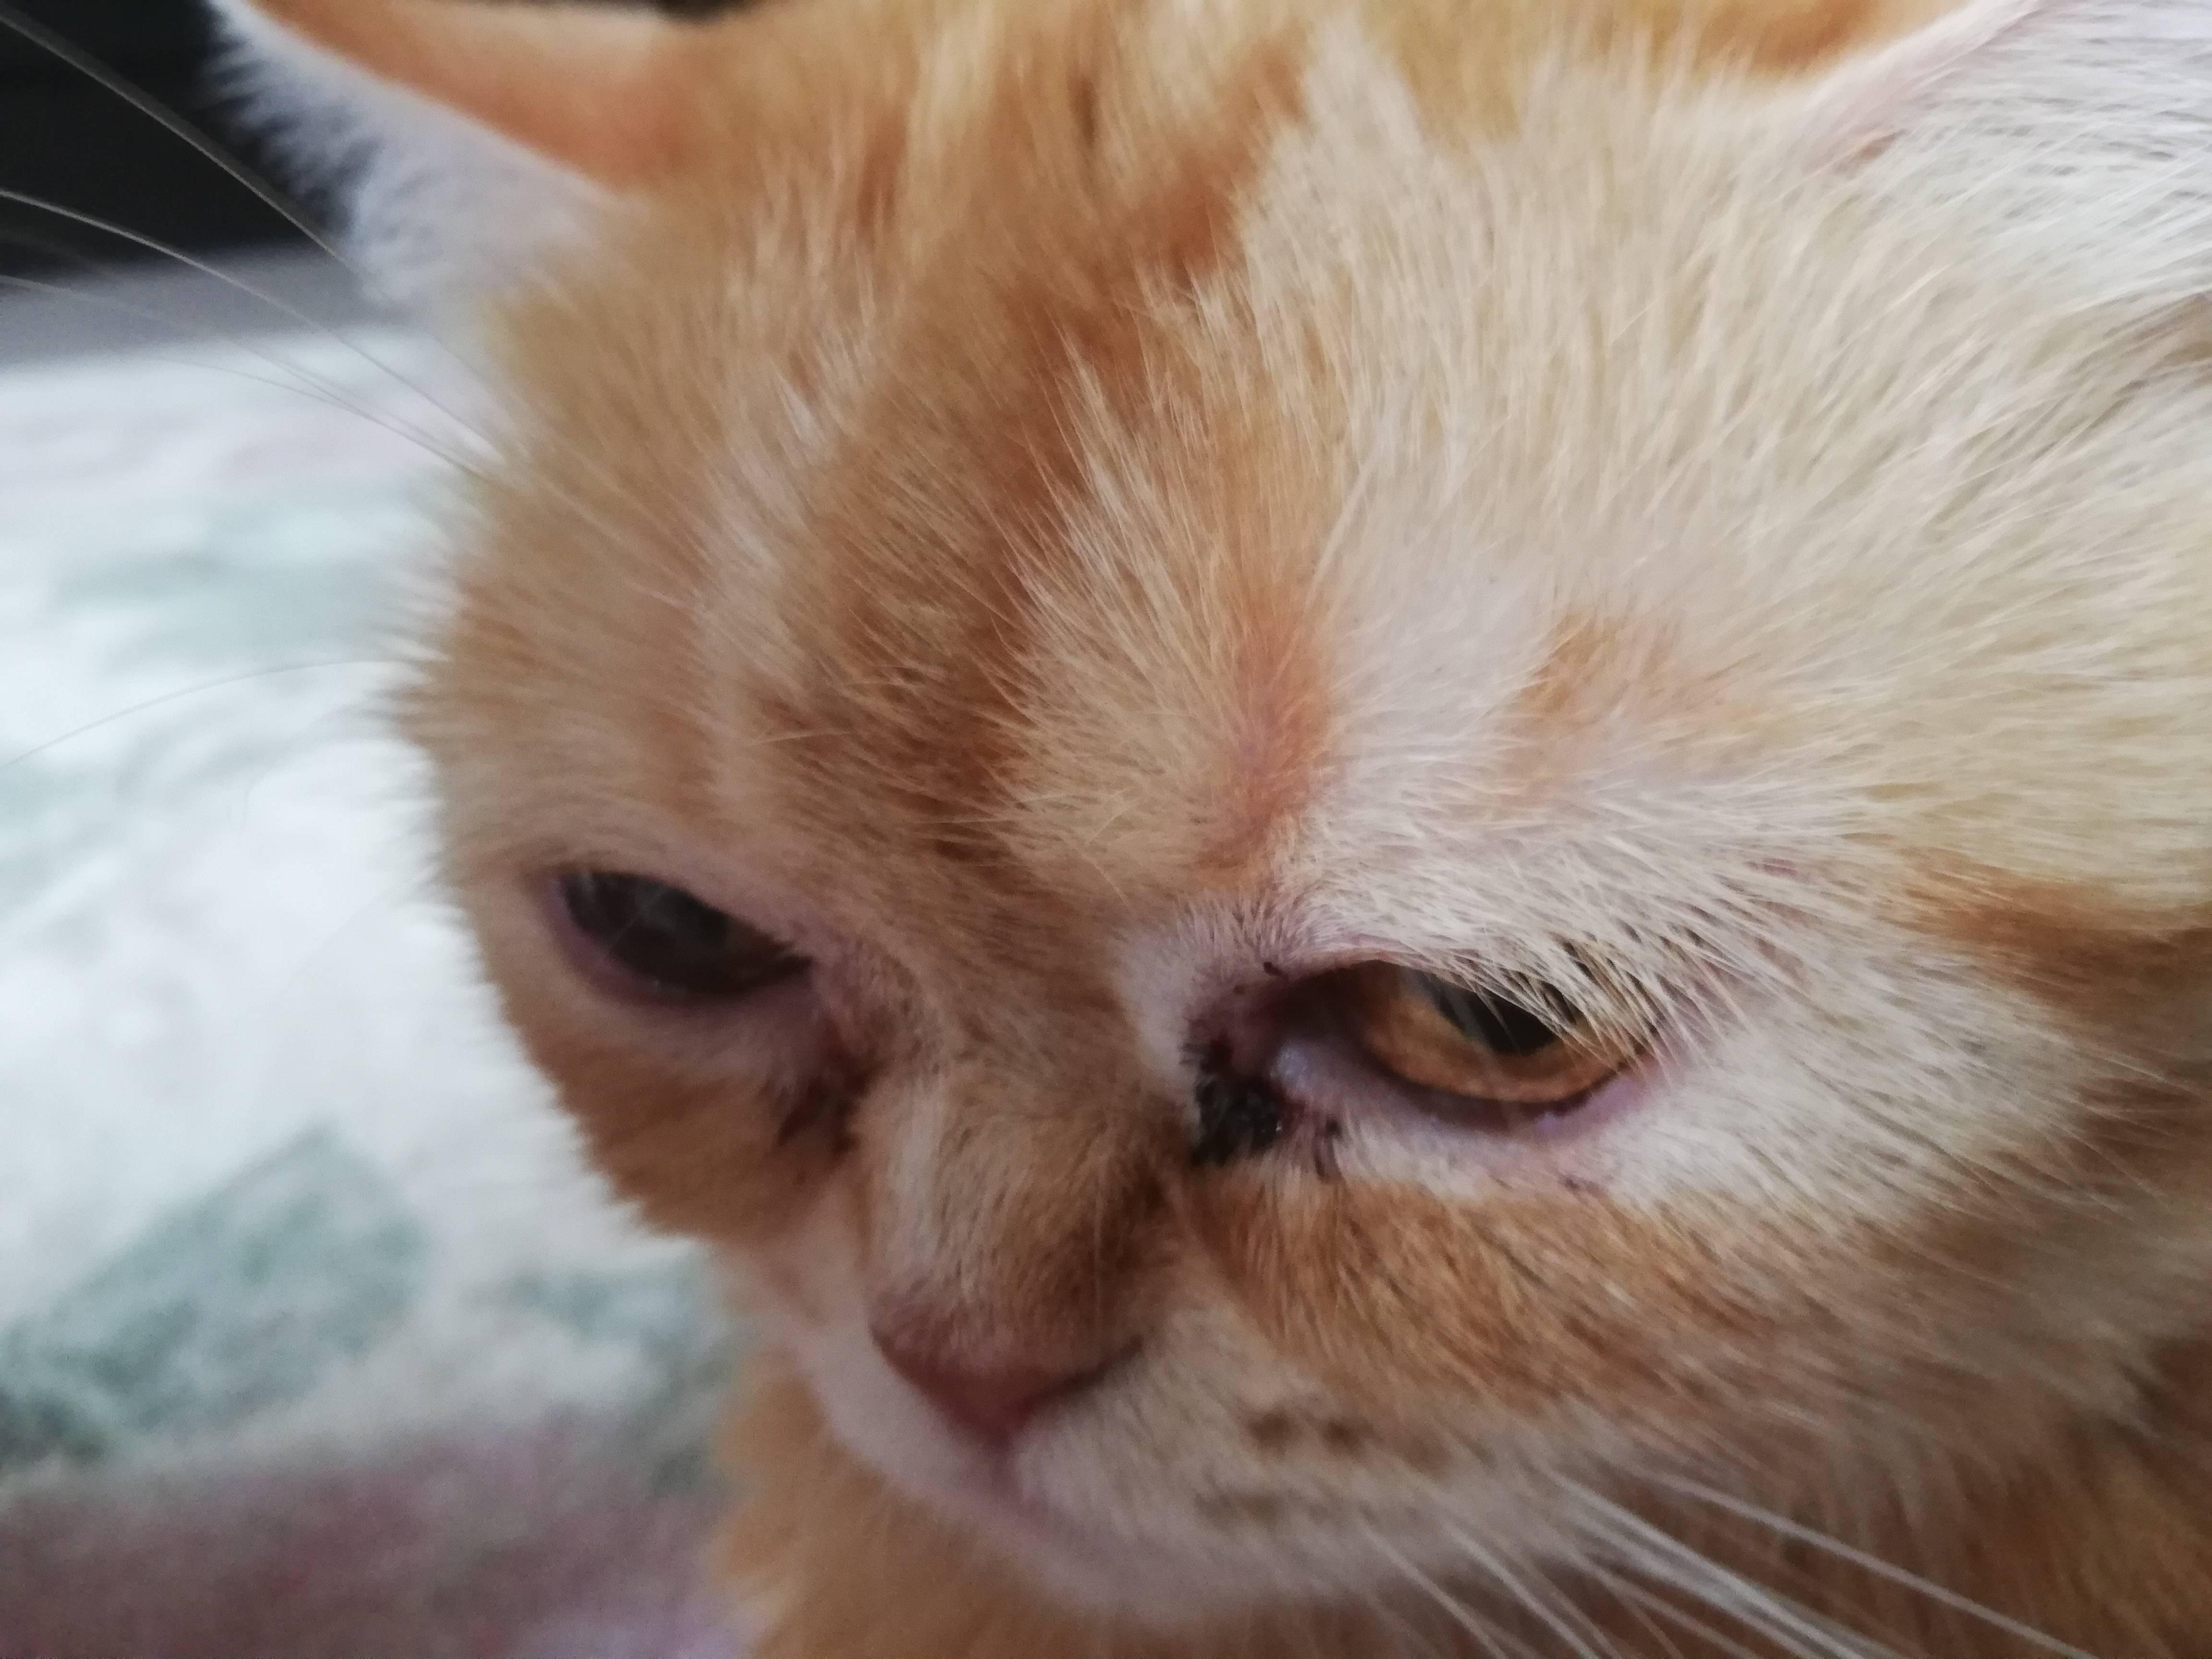 У кошки или кота слезятся один или оба глаза: почему, что делать и чем лечить котенка и взрослое животное в домашних условиях